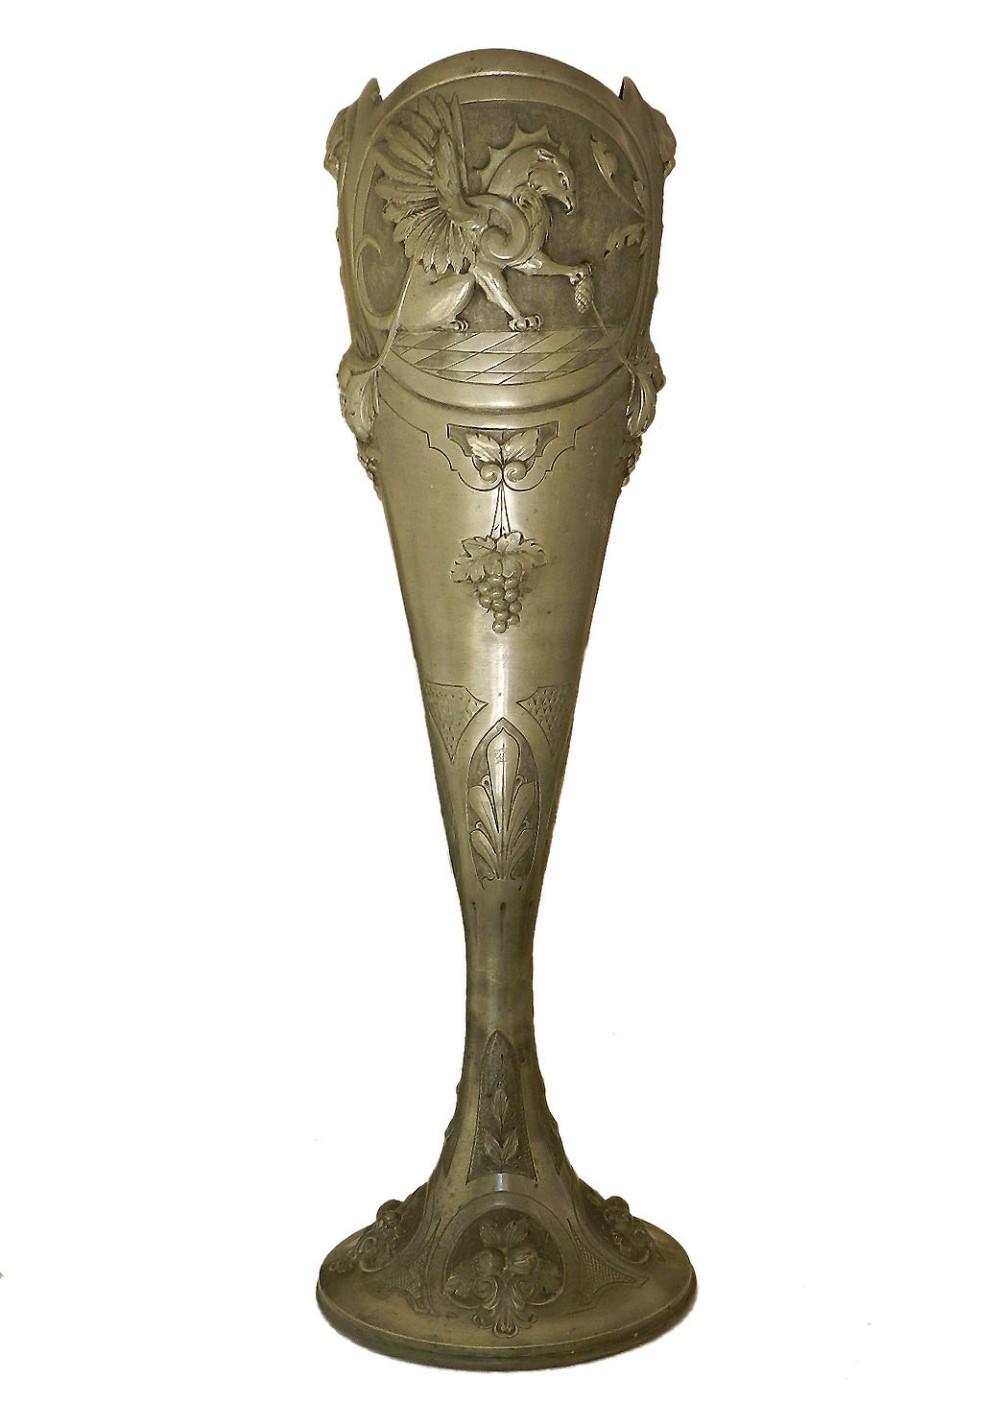 art nouveau vase pewter signed a villien monumental belle epoque c1900